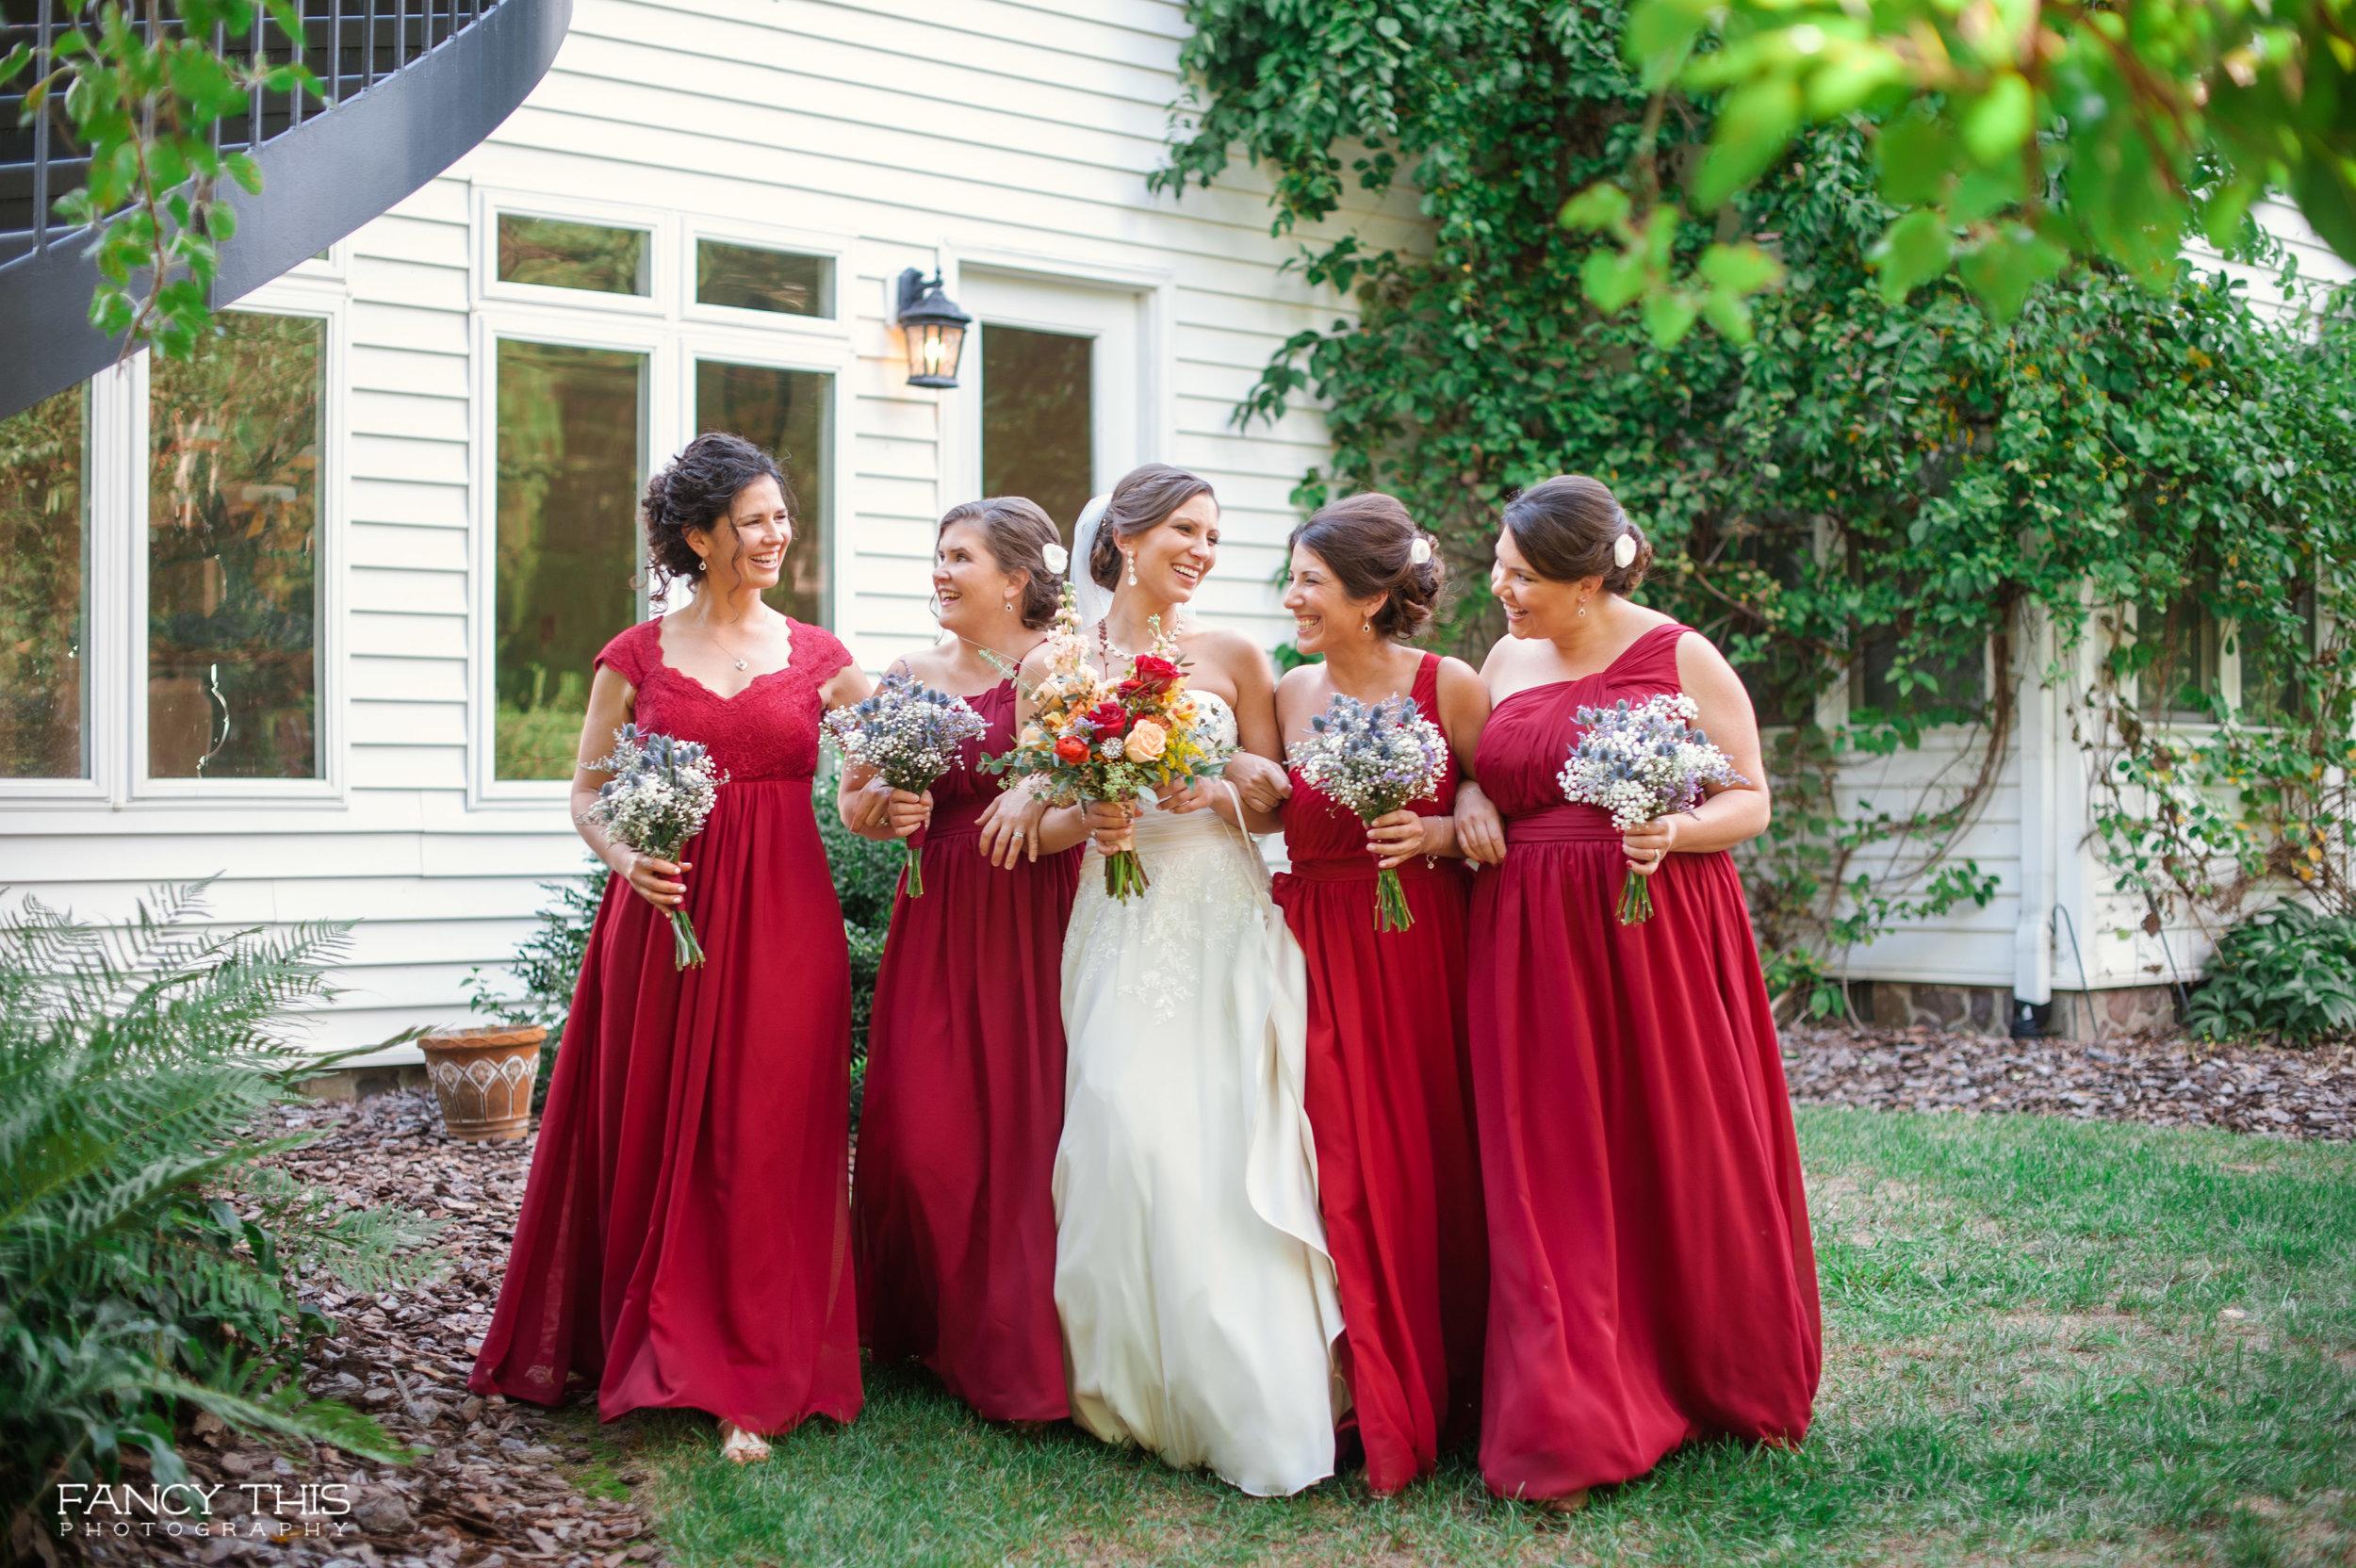 garrettanddiana_wedding_lo-res-122.jpg